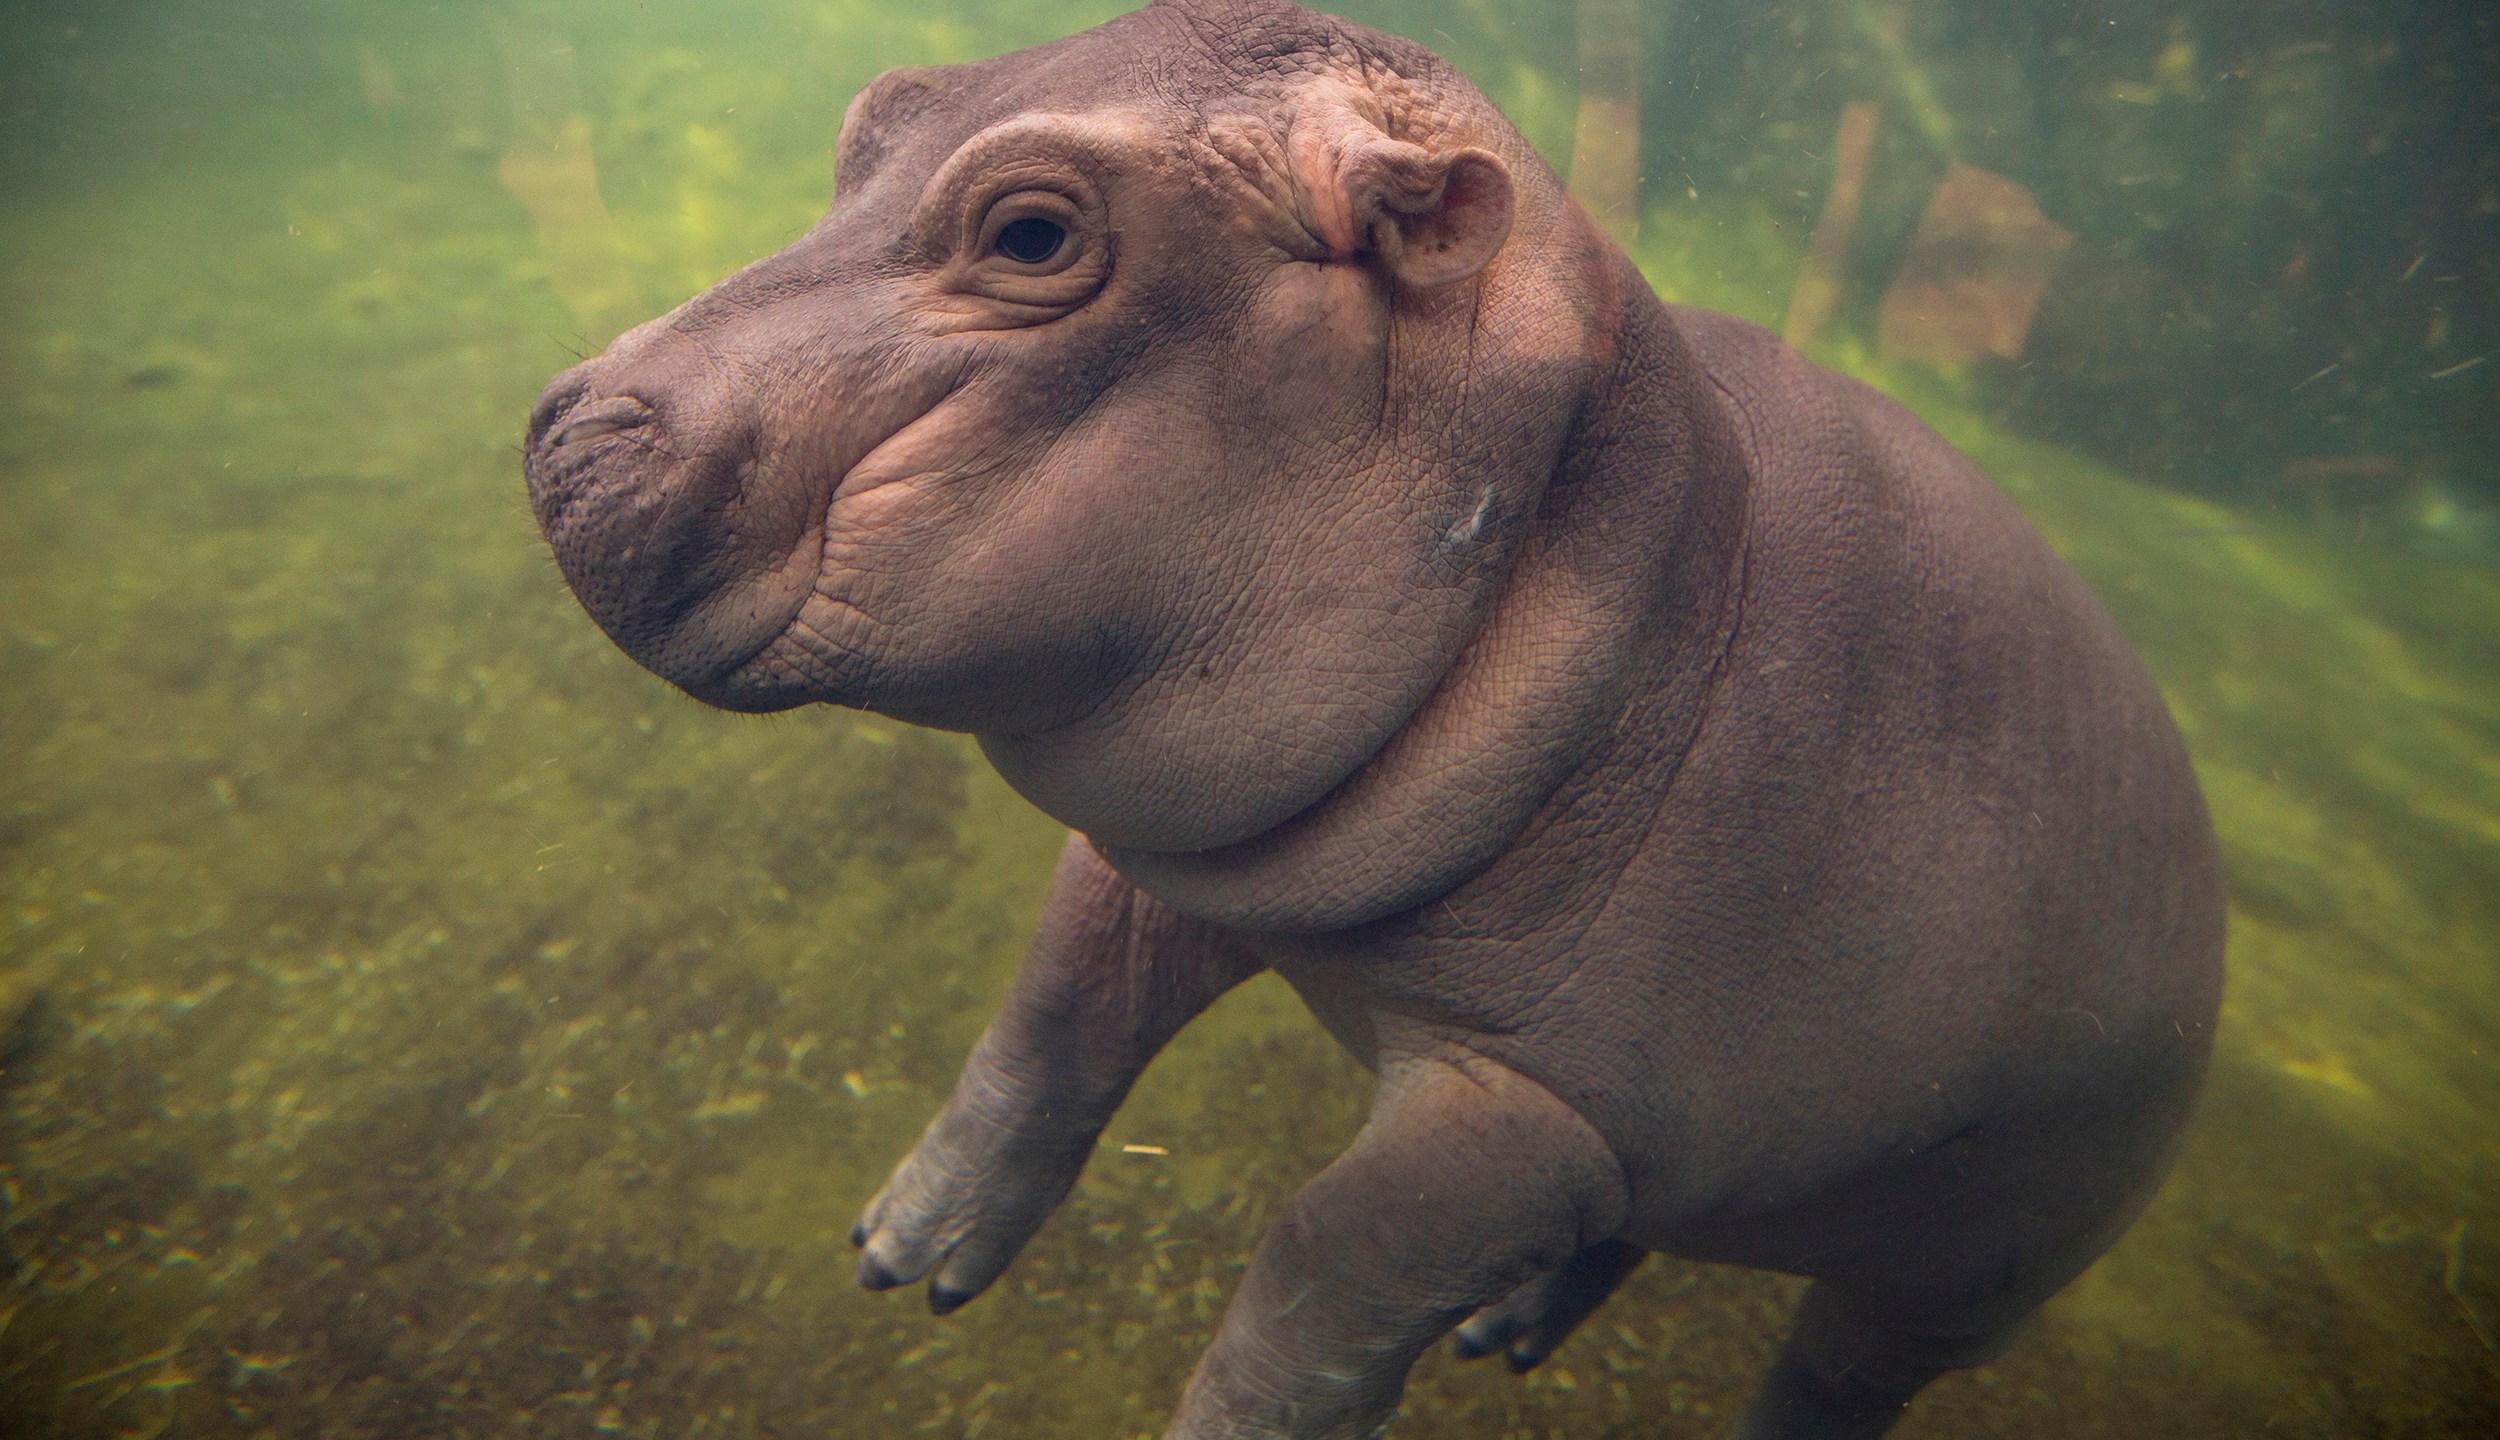 Zoo-Baby Hippo Facebook Show_278857